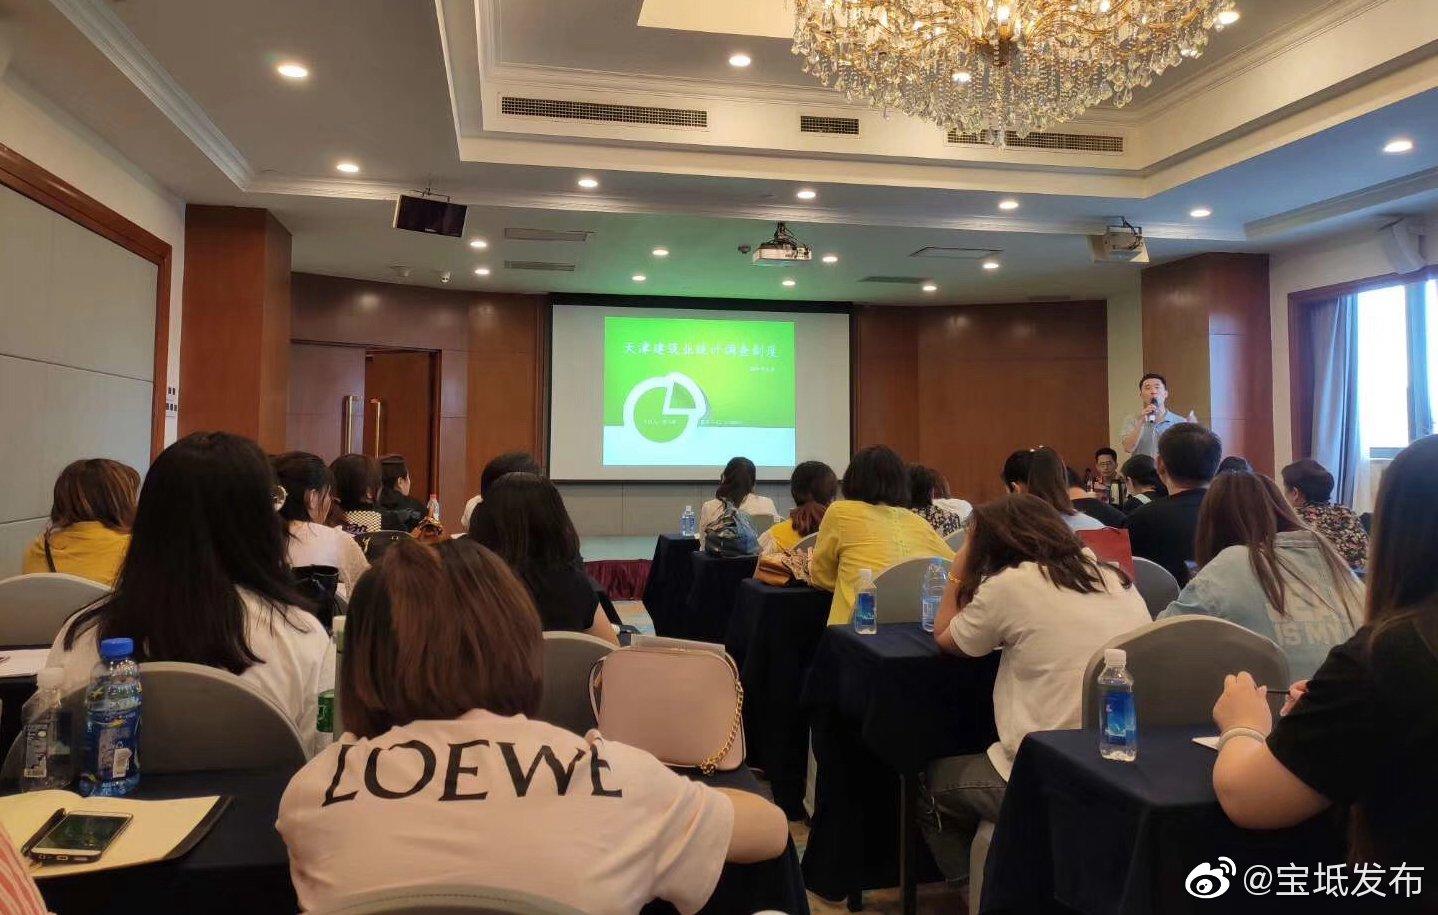 宝坻区统计局积极组织企业参加业务培训